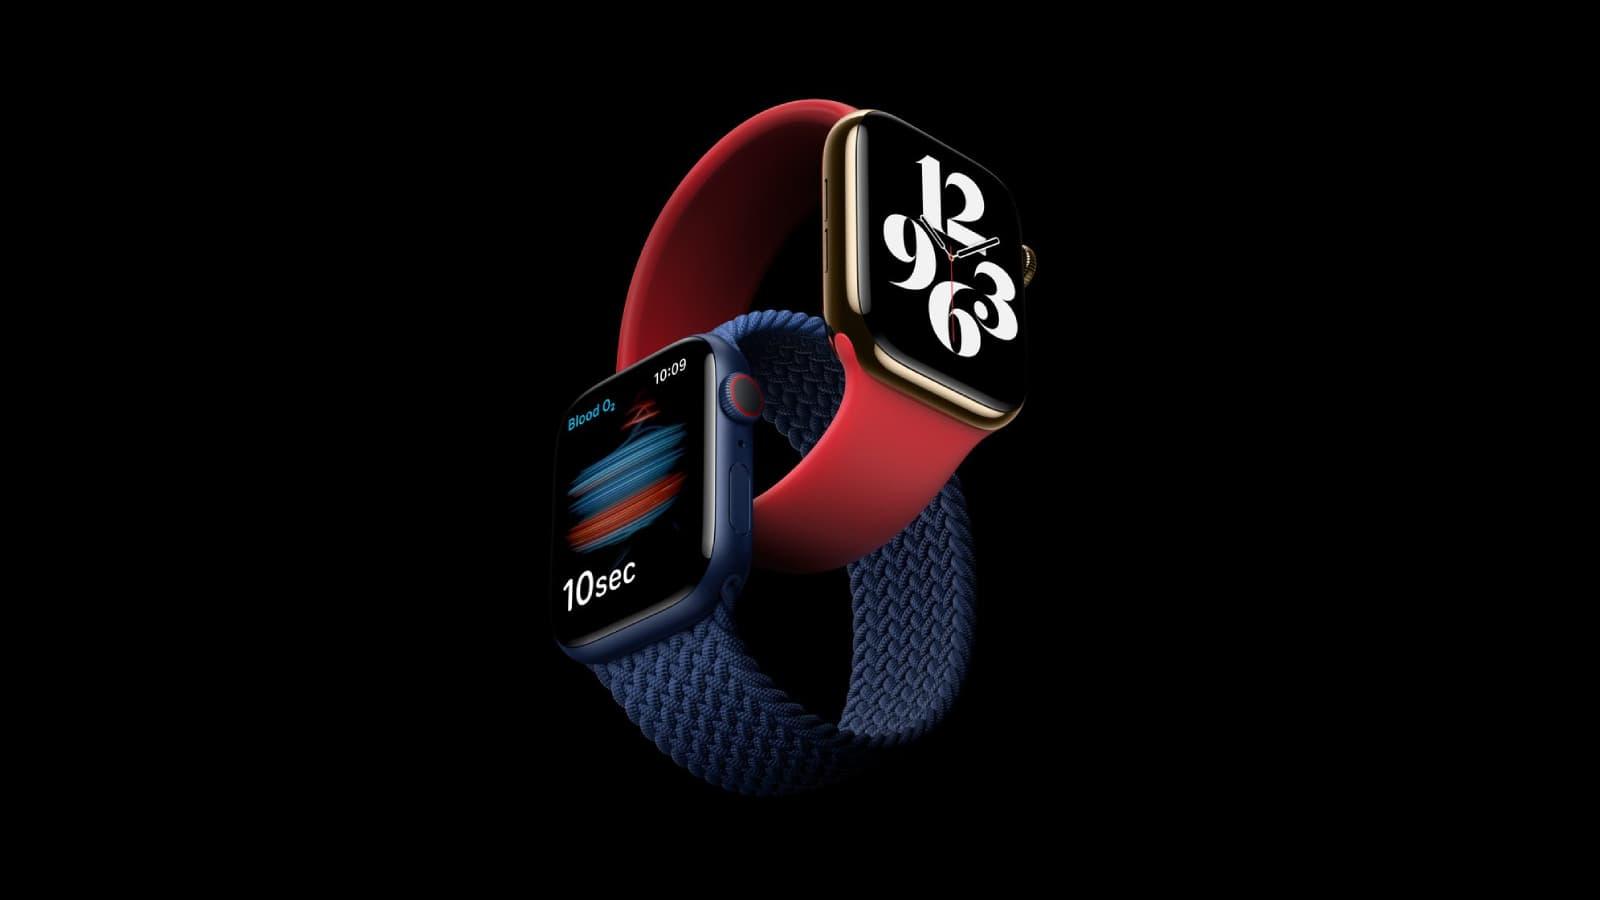 C'est l'heure de retrouver les meilleures montres connectées chez SFR